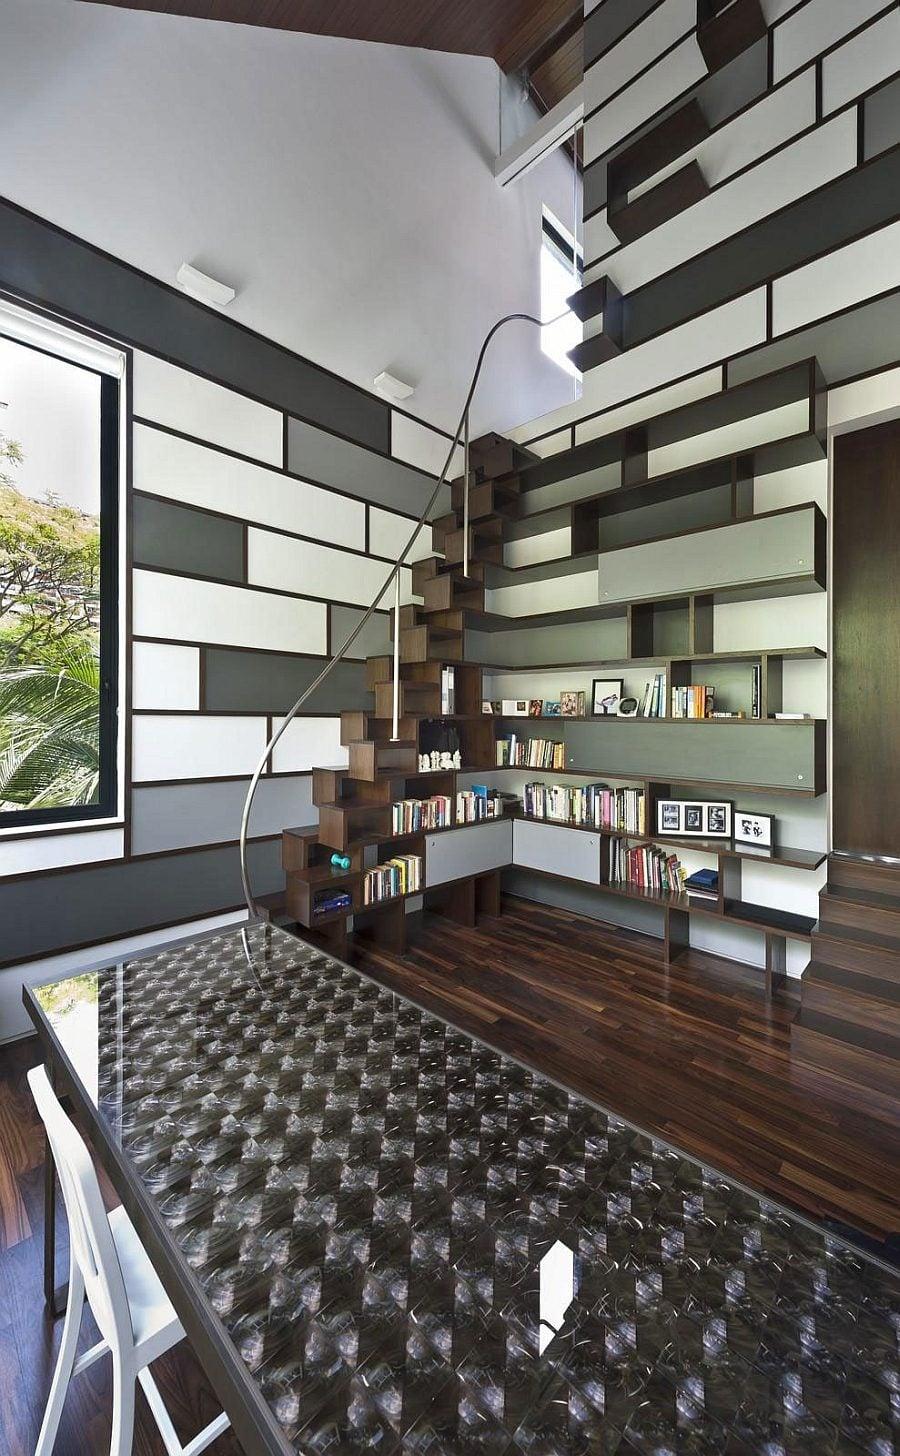 Thiết kế nhà ở hiện đại 8